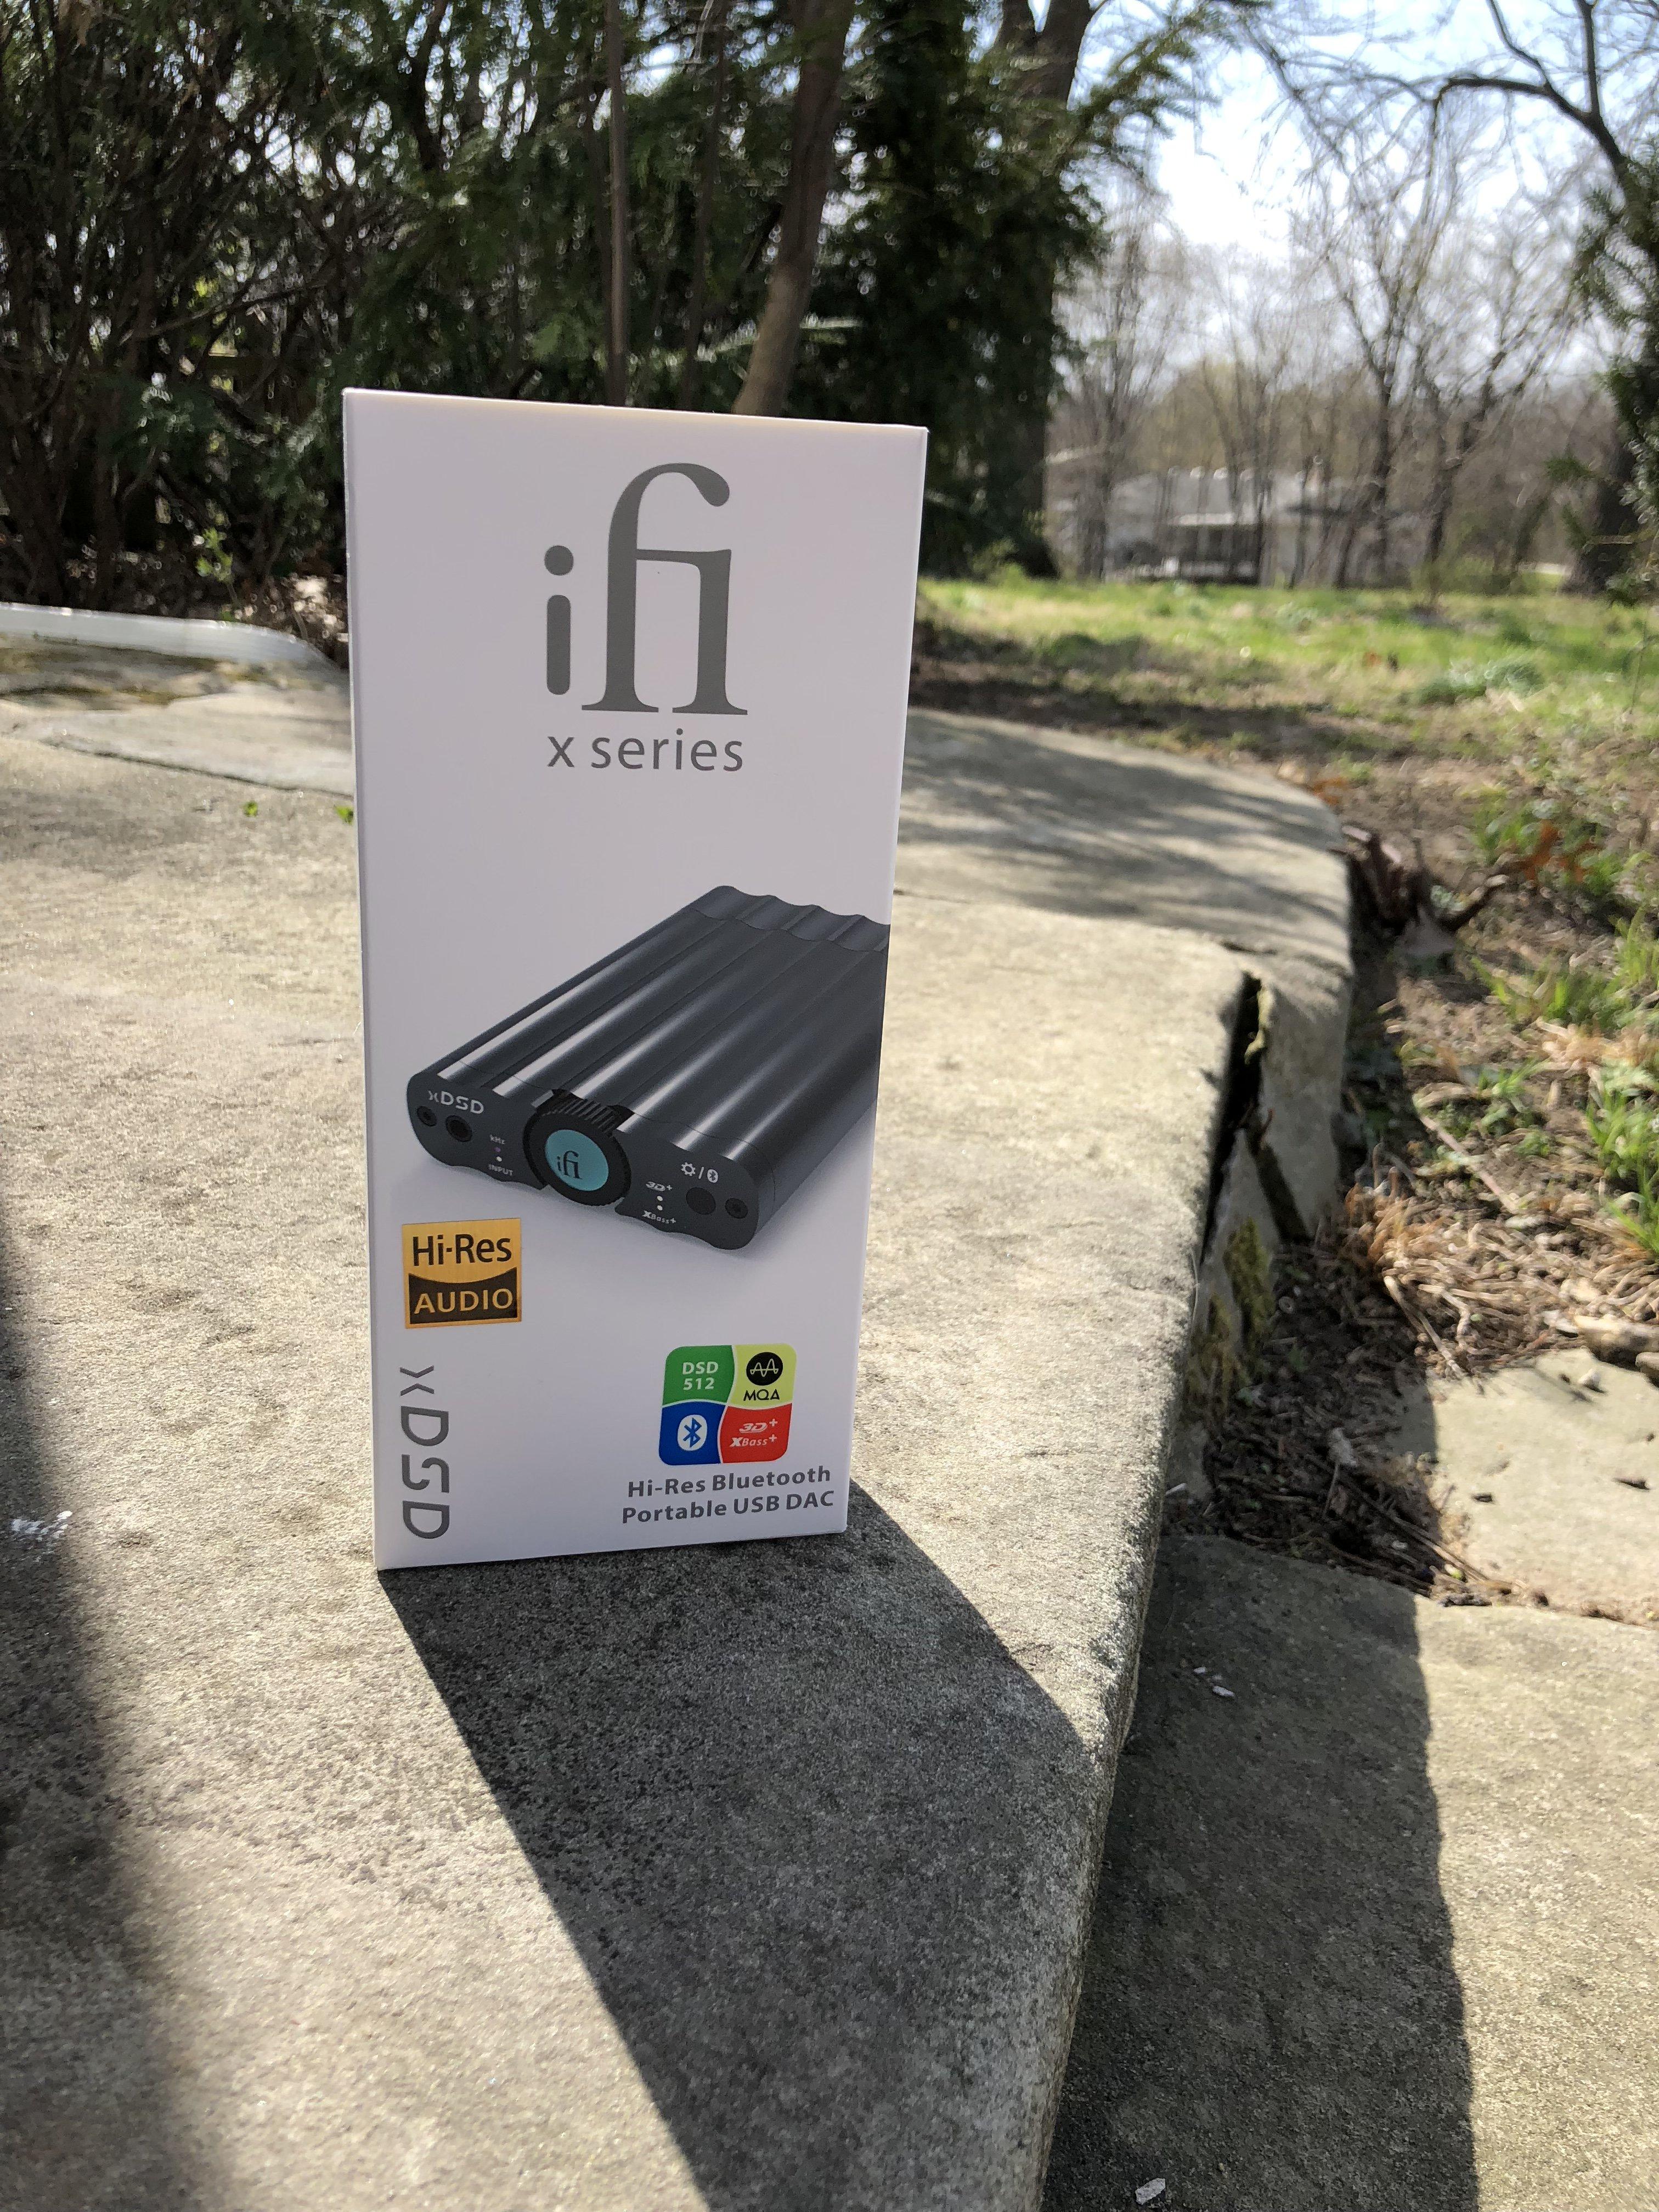 FA4C2FD6-1601-4499-B810-459E21041D30.jpeg